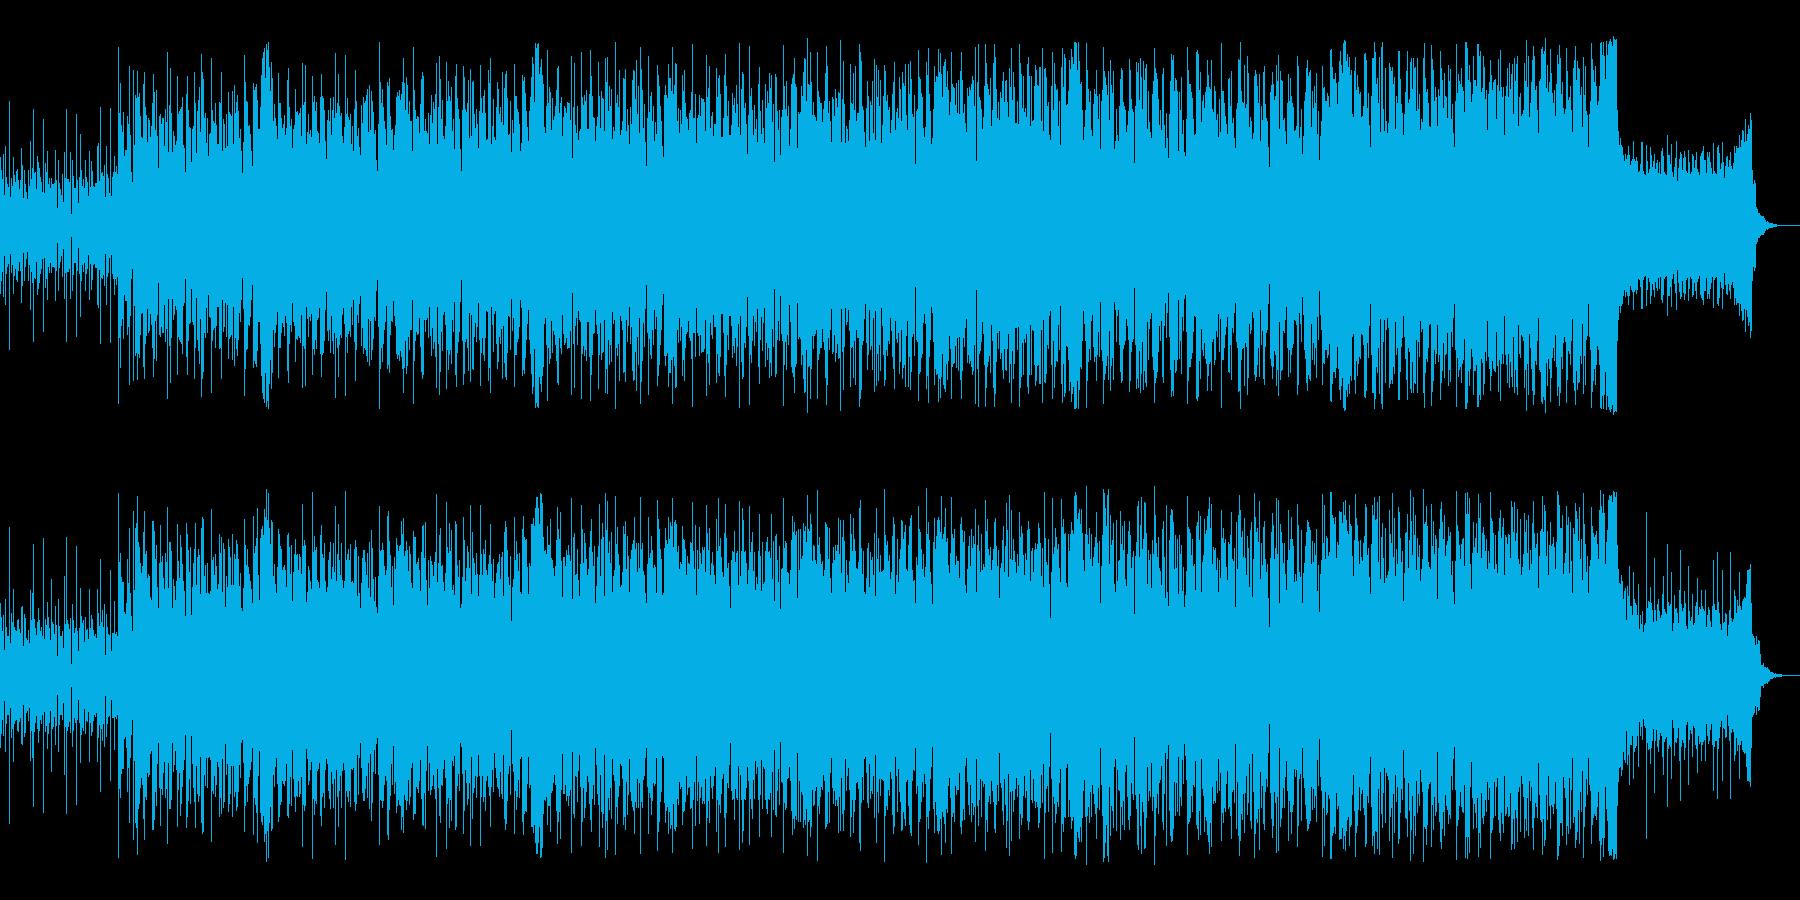 軽快なピアノテクノポップスの再生済みの波形